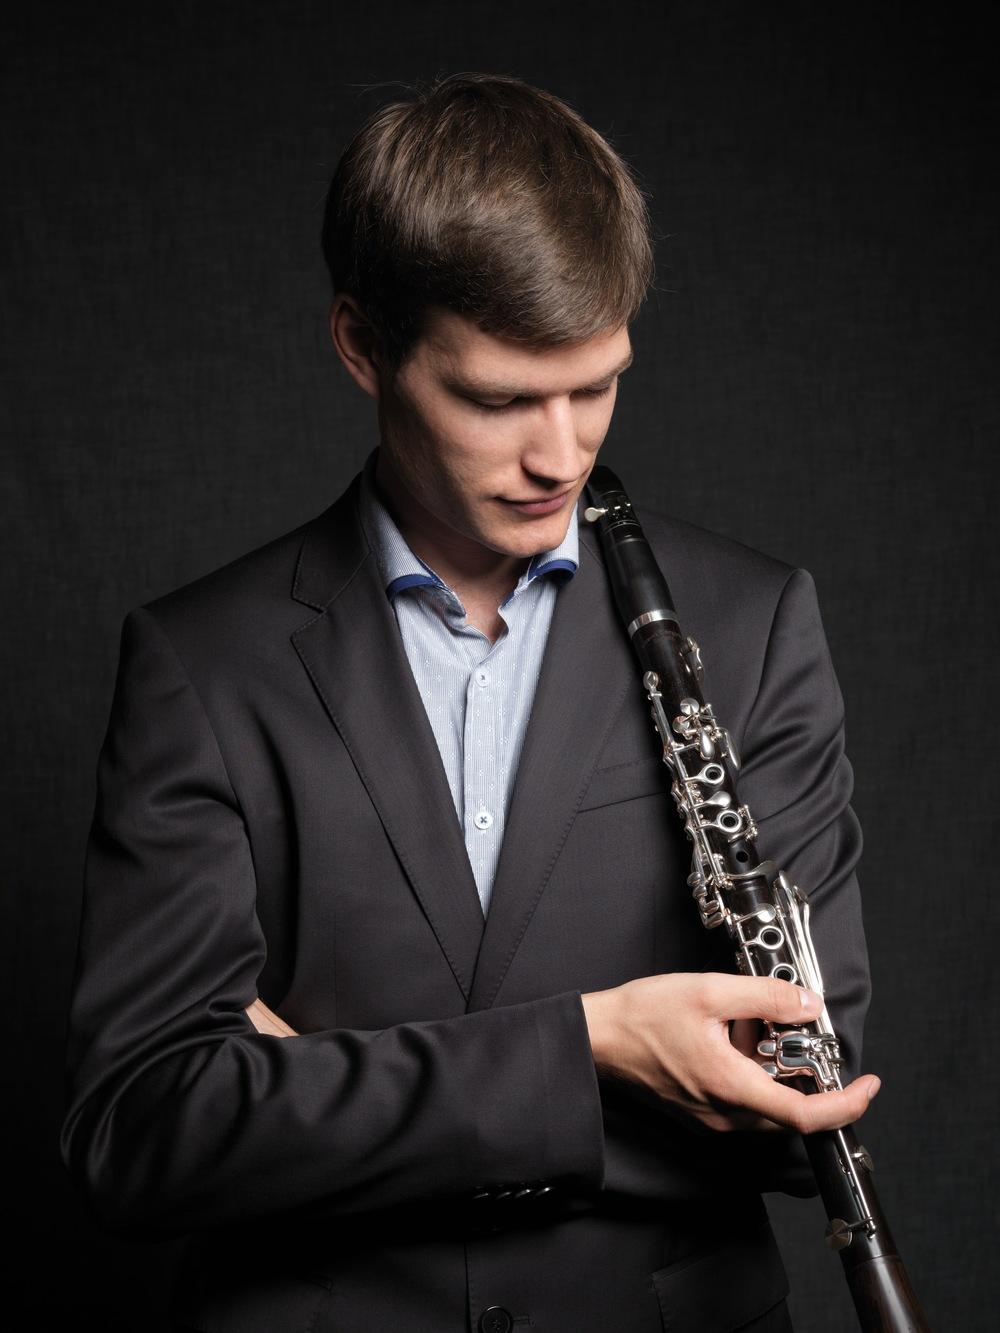 Max Mausen - Clarinet